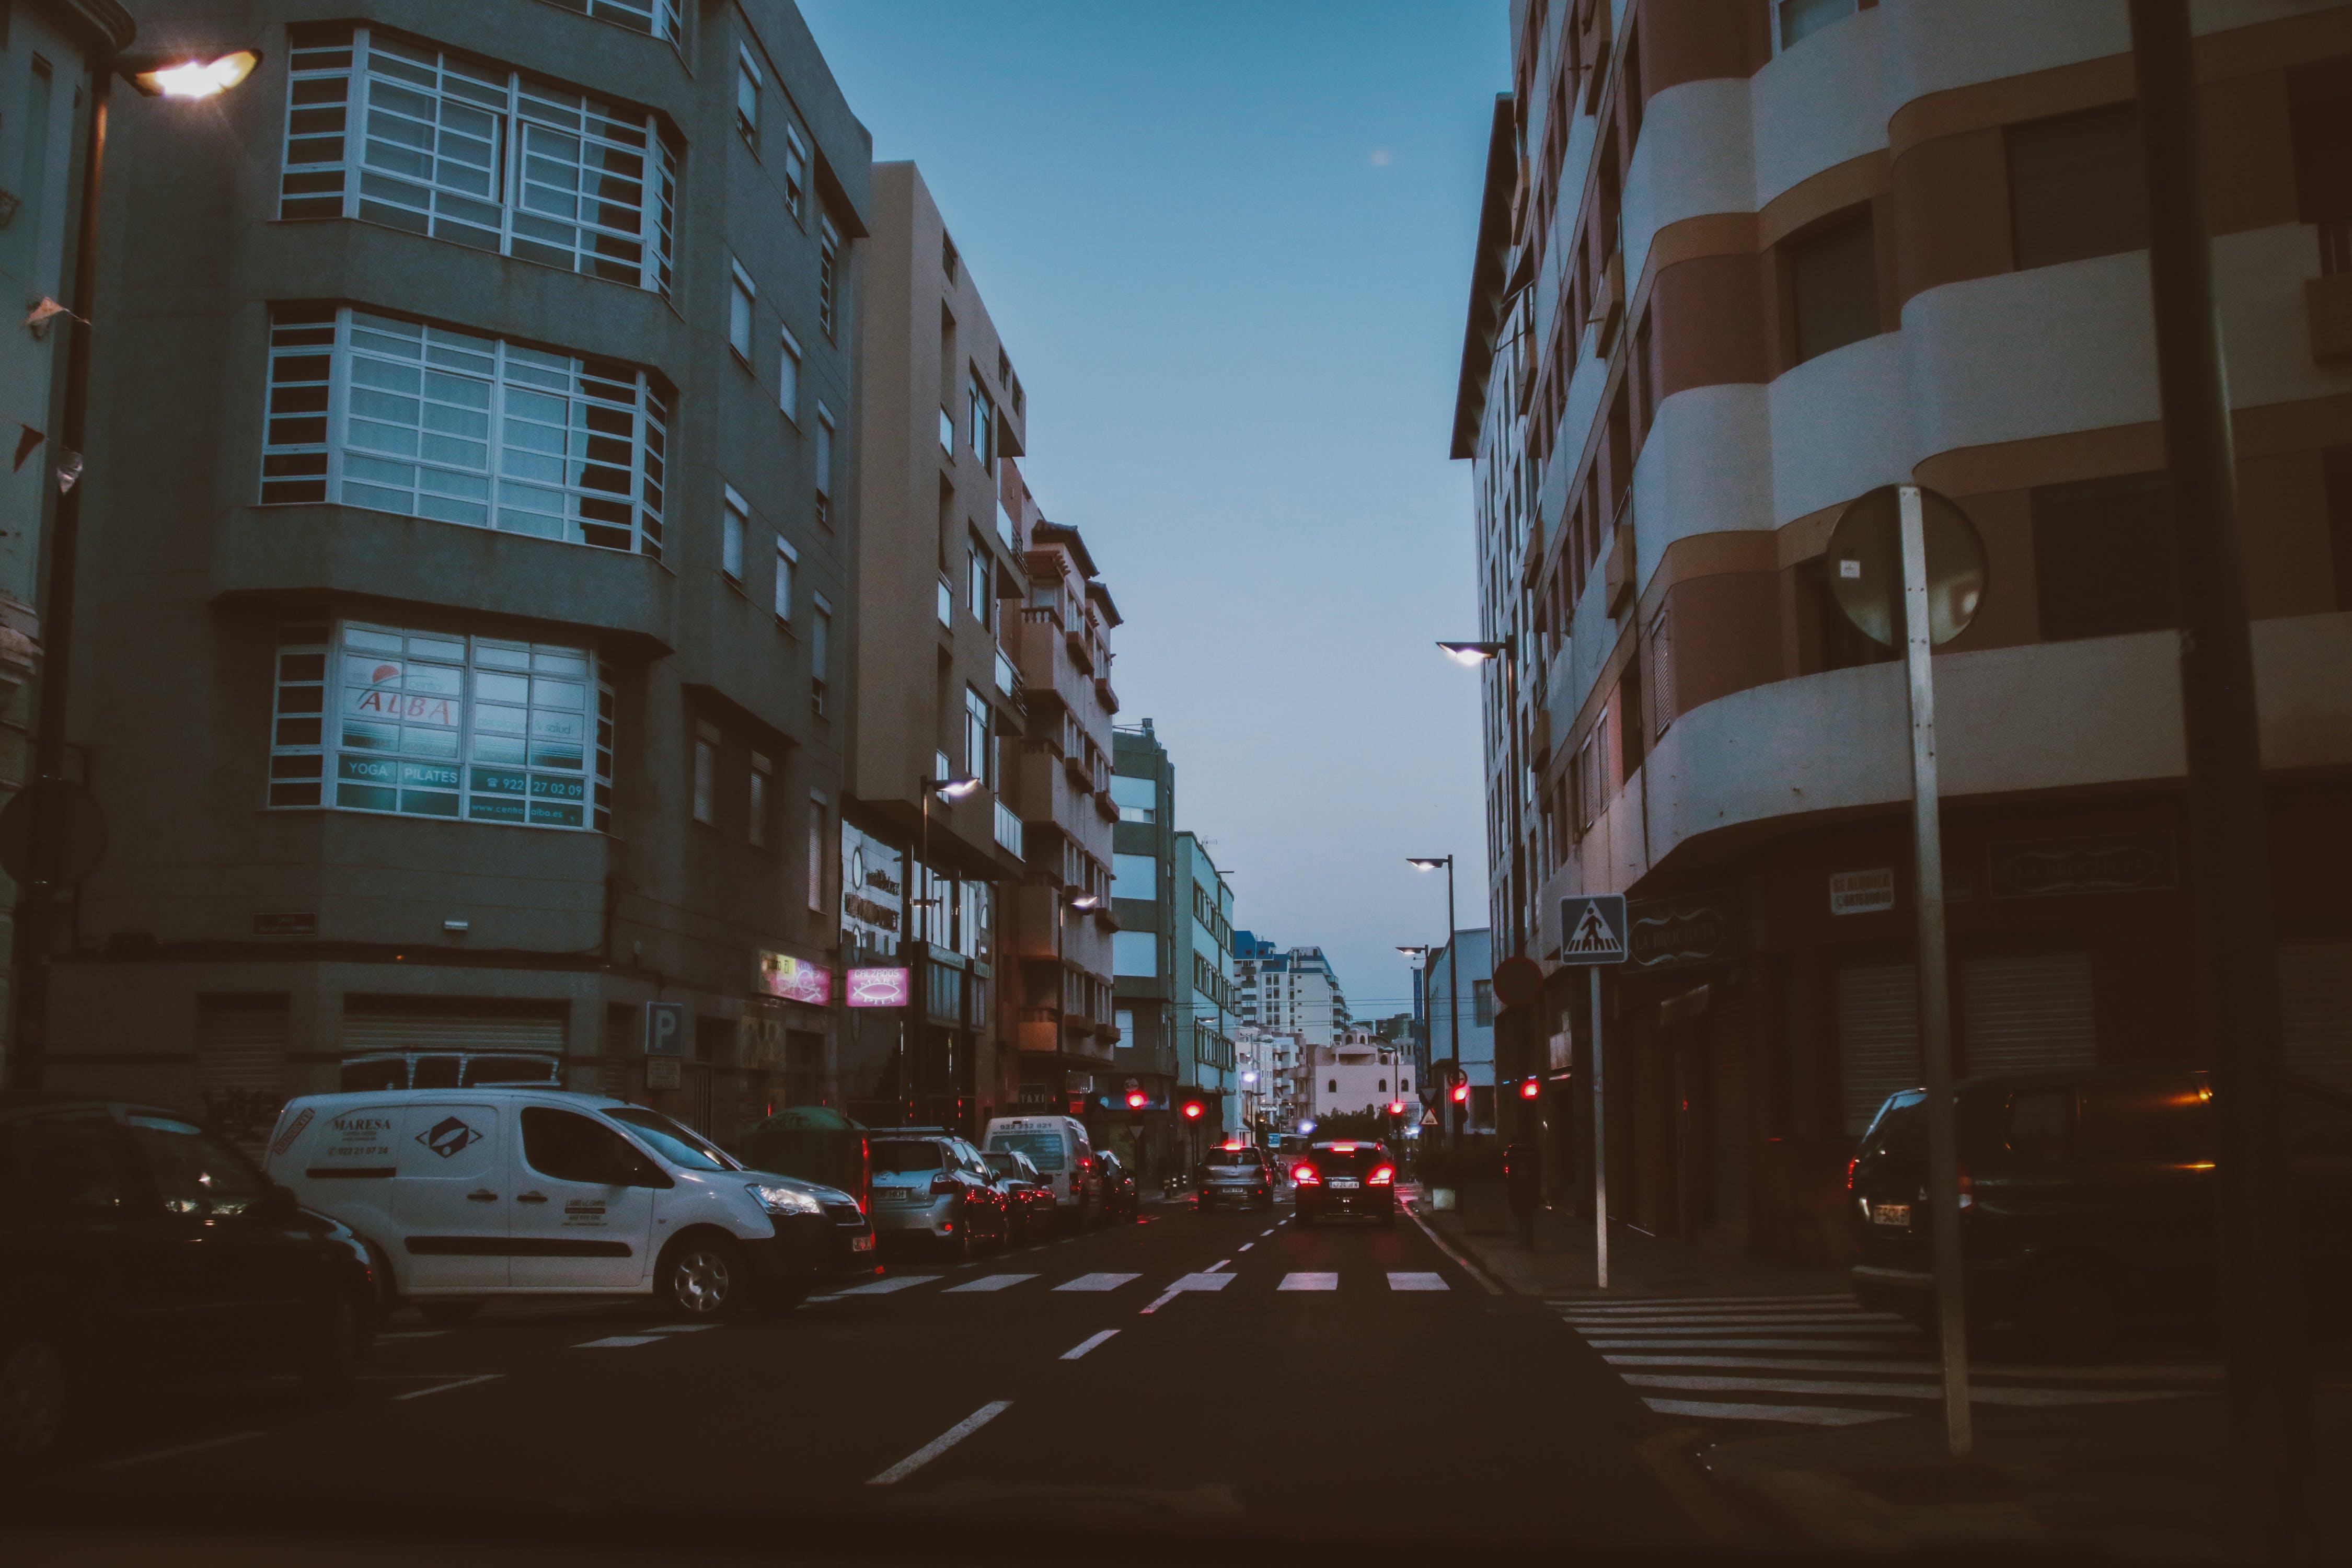 Gratis stockfoto met auto's, binnenstad, gebouwen, kanarie